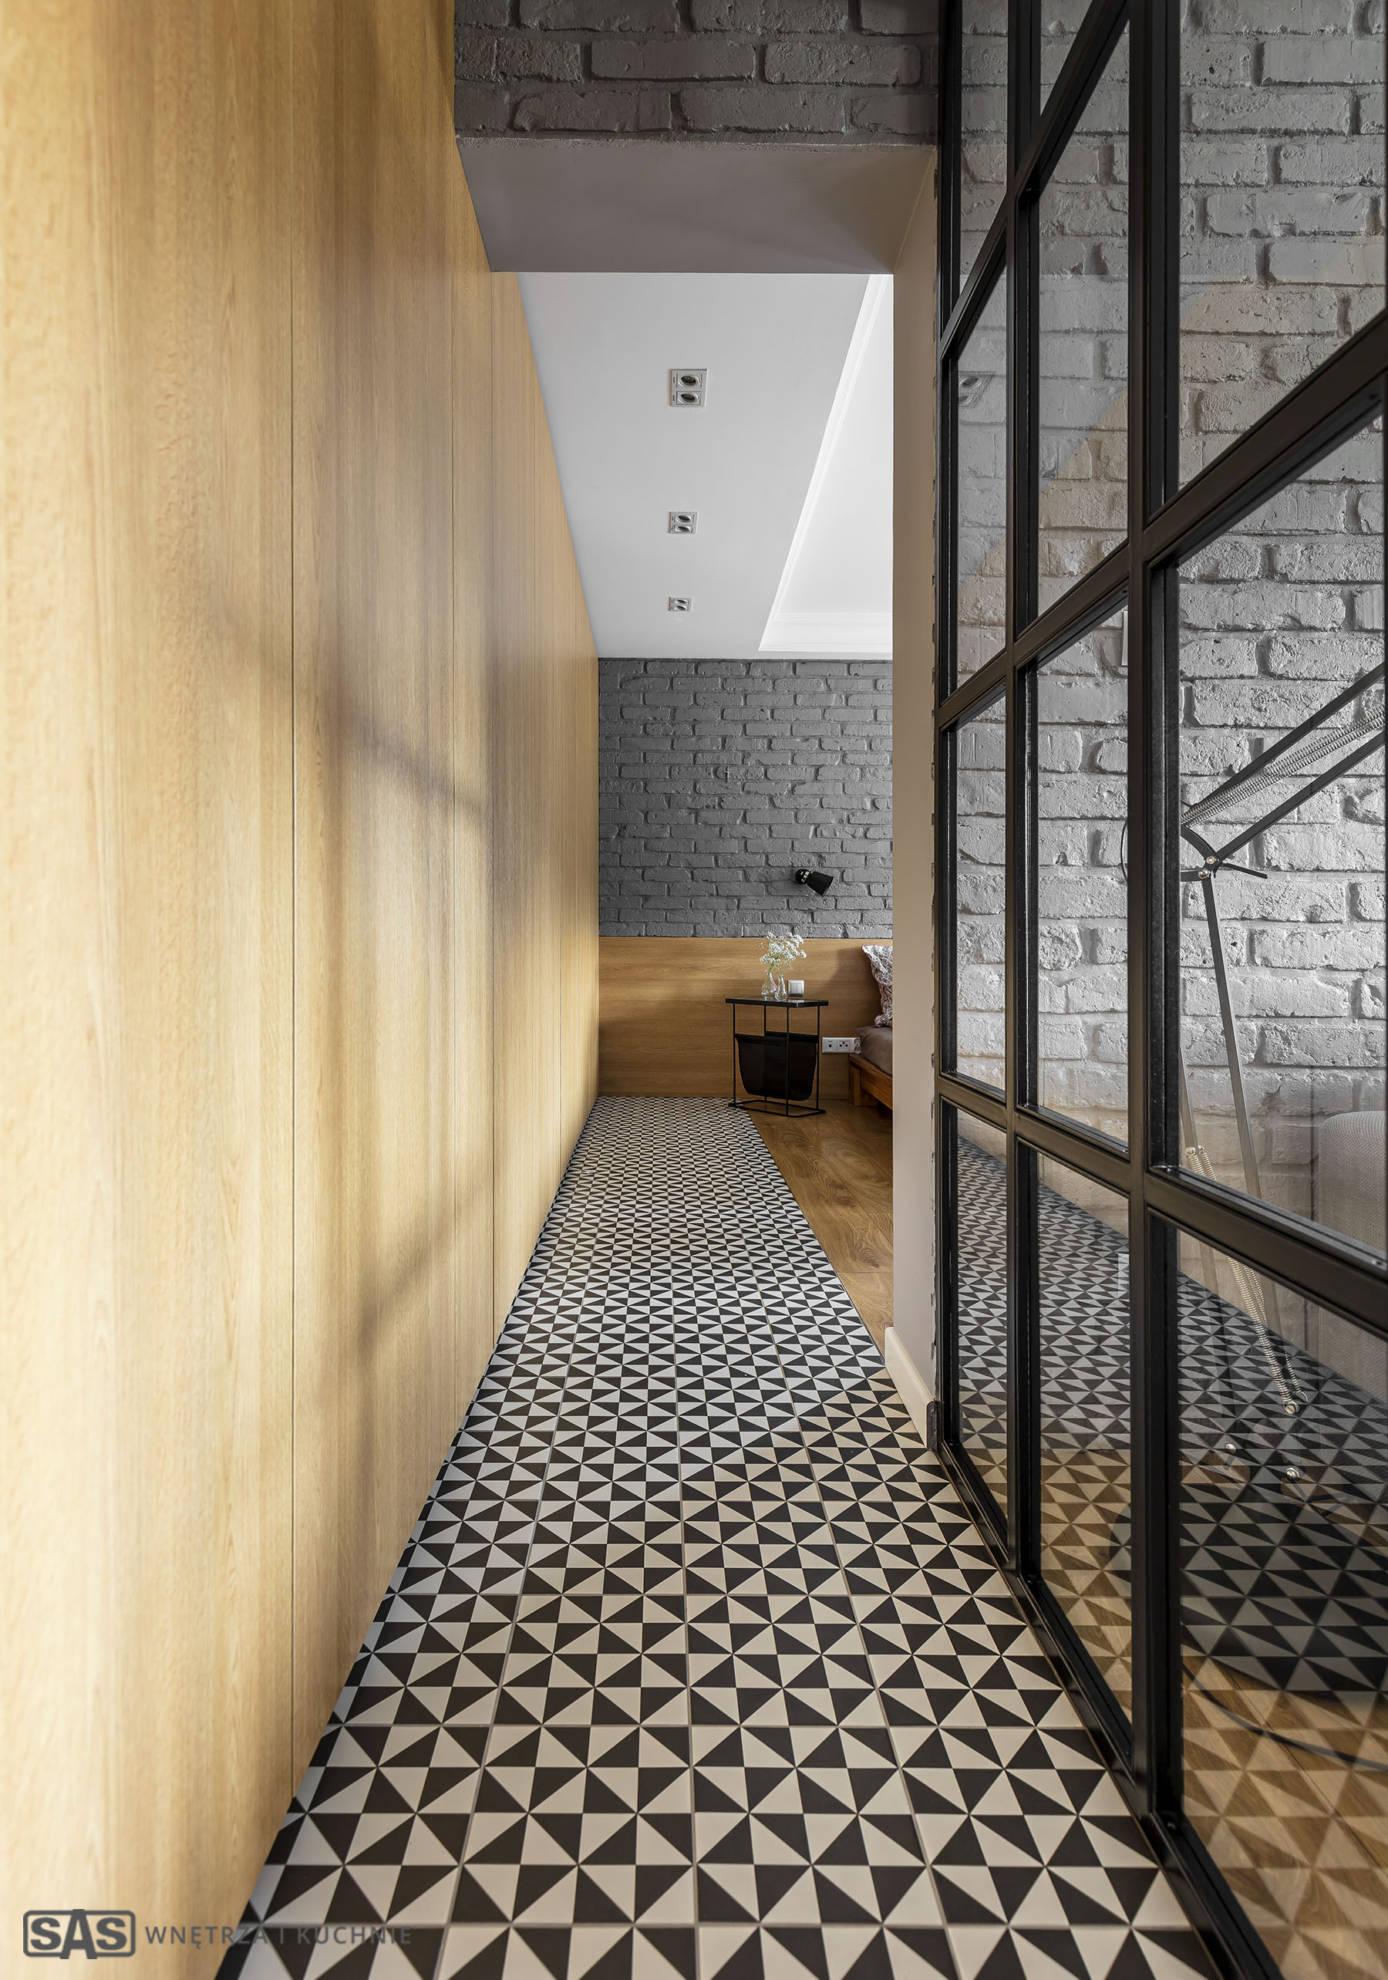 Aranżacja korytarza -meble w zabudowie wykonanie SAS Wnętrze i Kuchnie - projekt architekt wnętrz Emilia Strzempek Plasun.